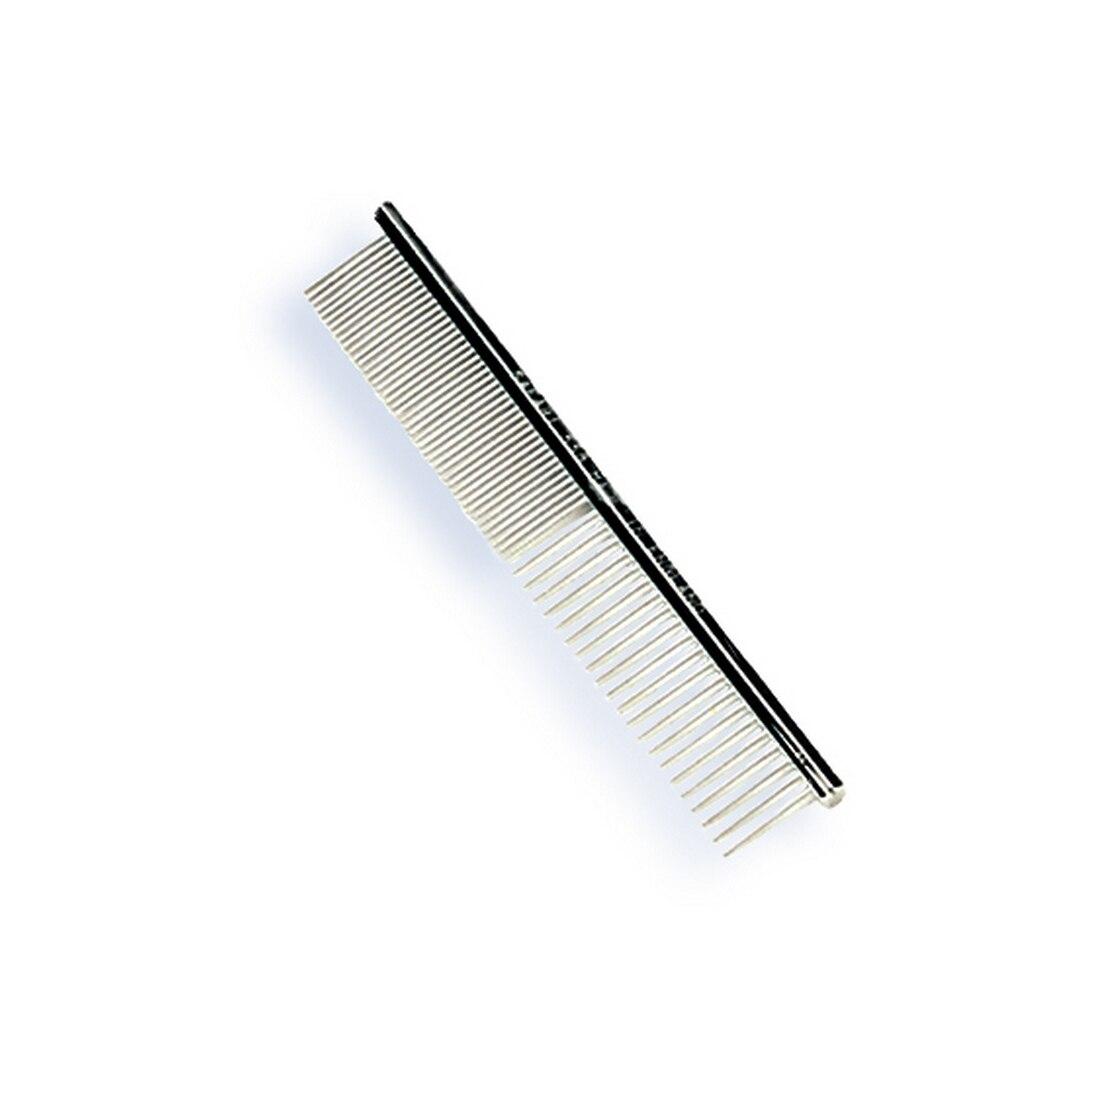 Safari Medium/Fine Metal Dog Comb, 4.5-in